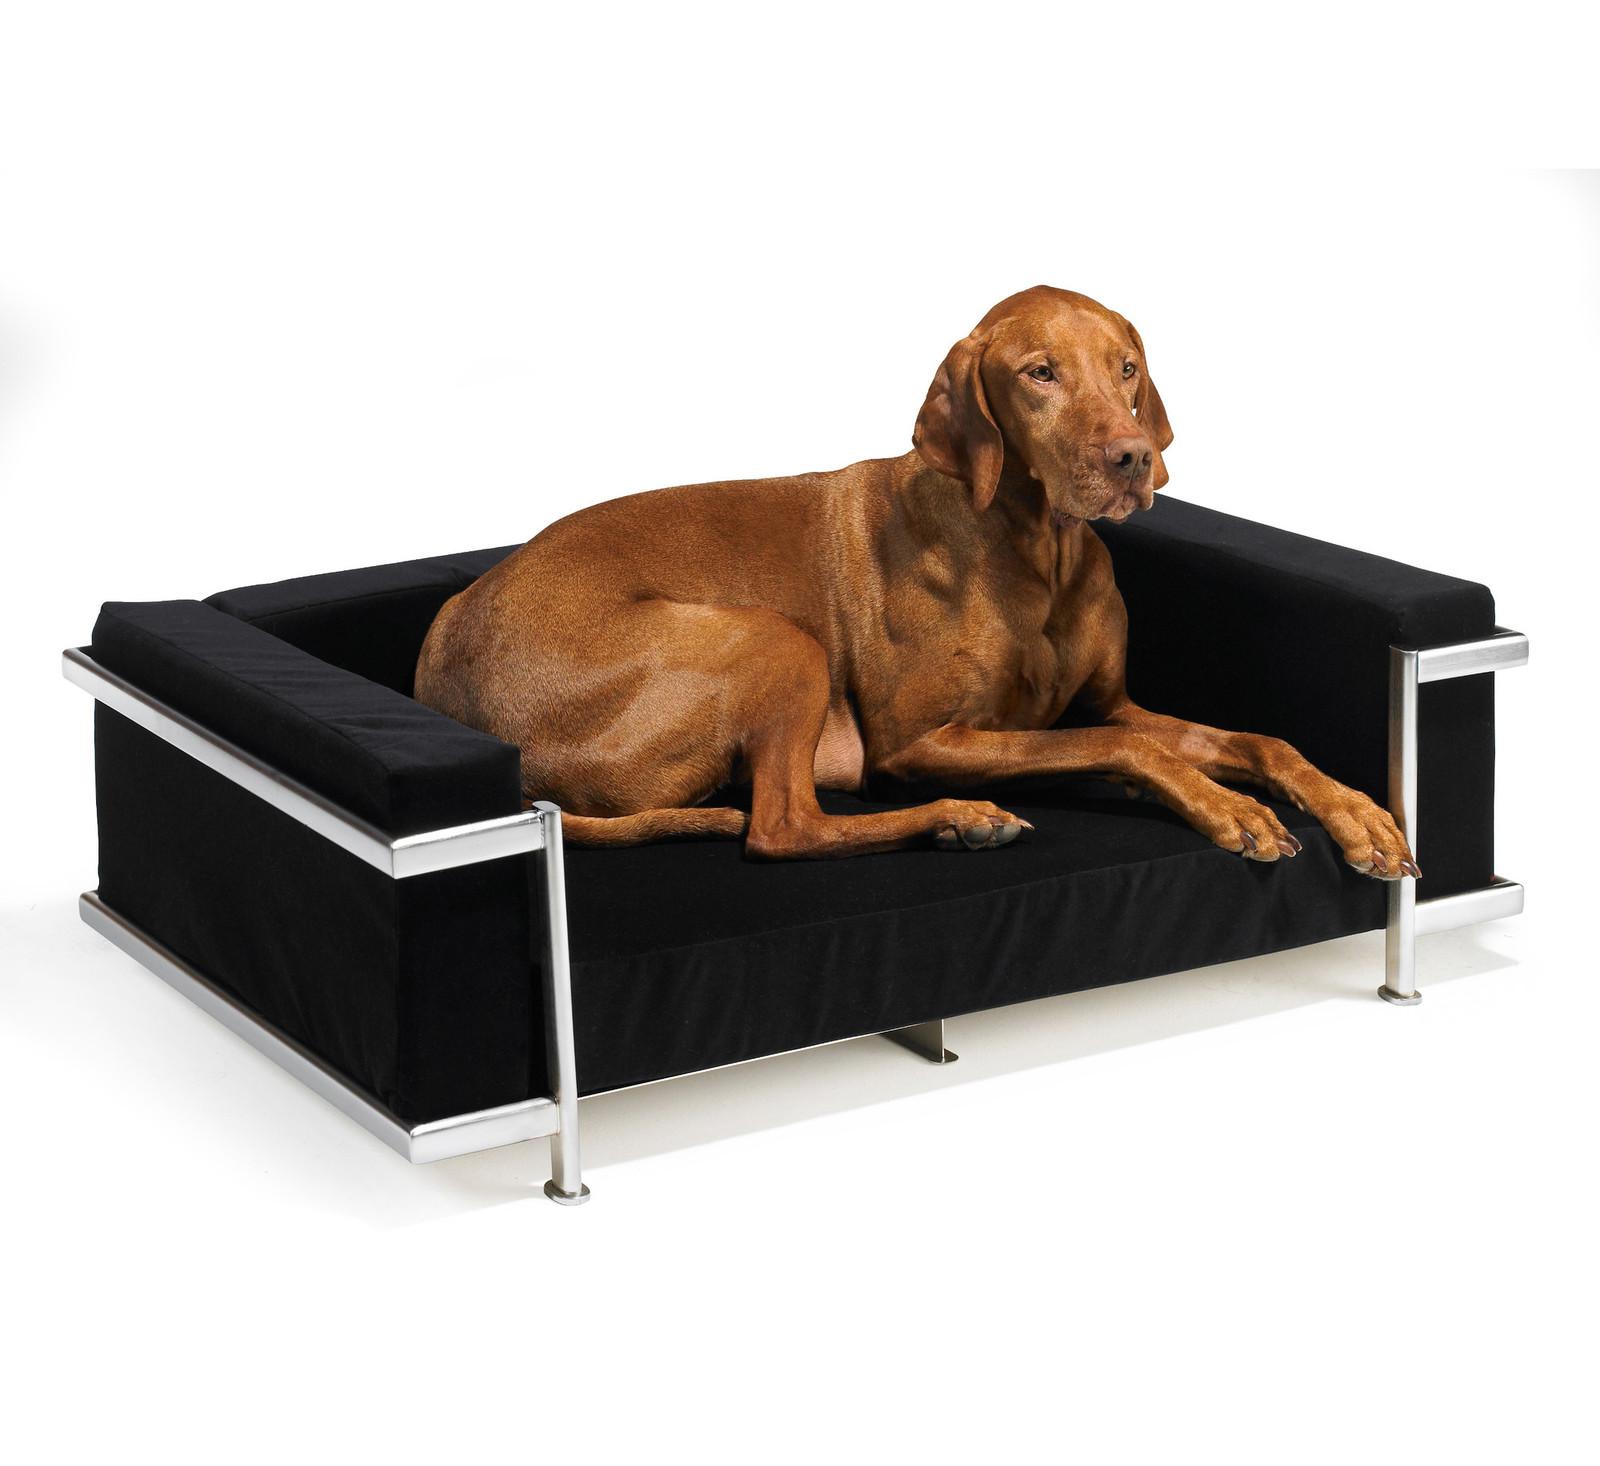 modernist dog bed steel frame